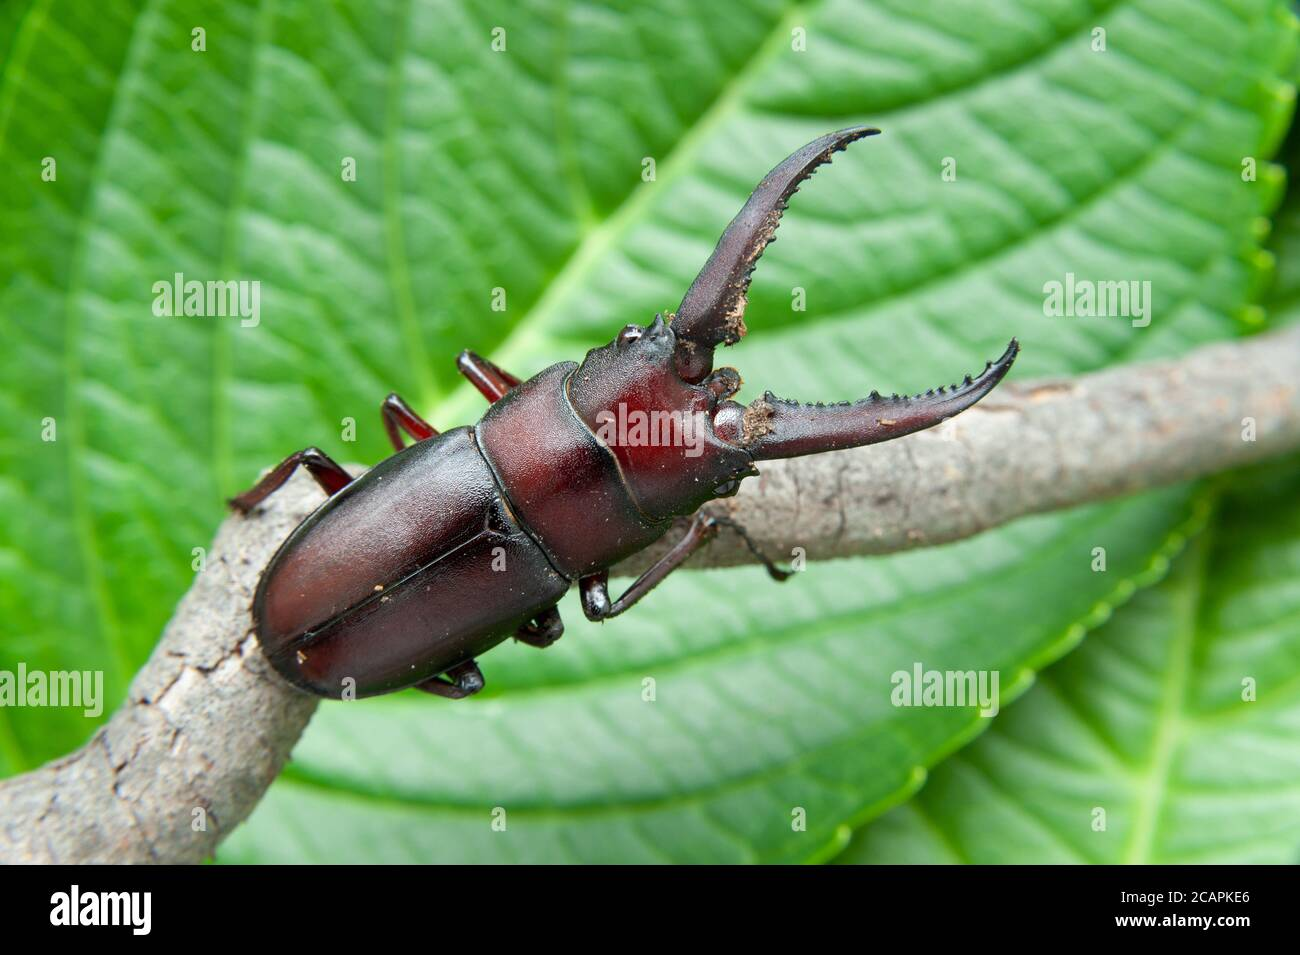 El escarabajo japonés llamado en japón kuwagata mushi. Aislado sobre fondo de hojas verdes. Primer plano. Foto de stock